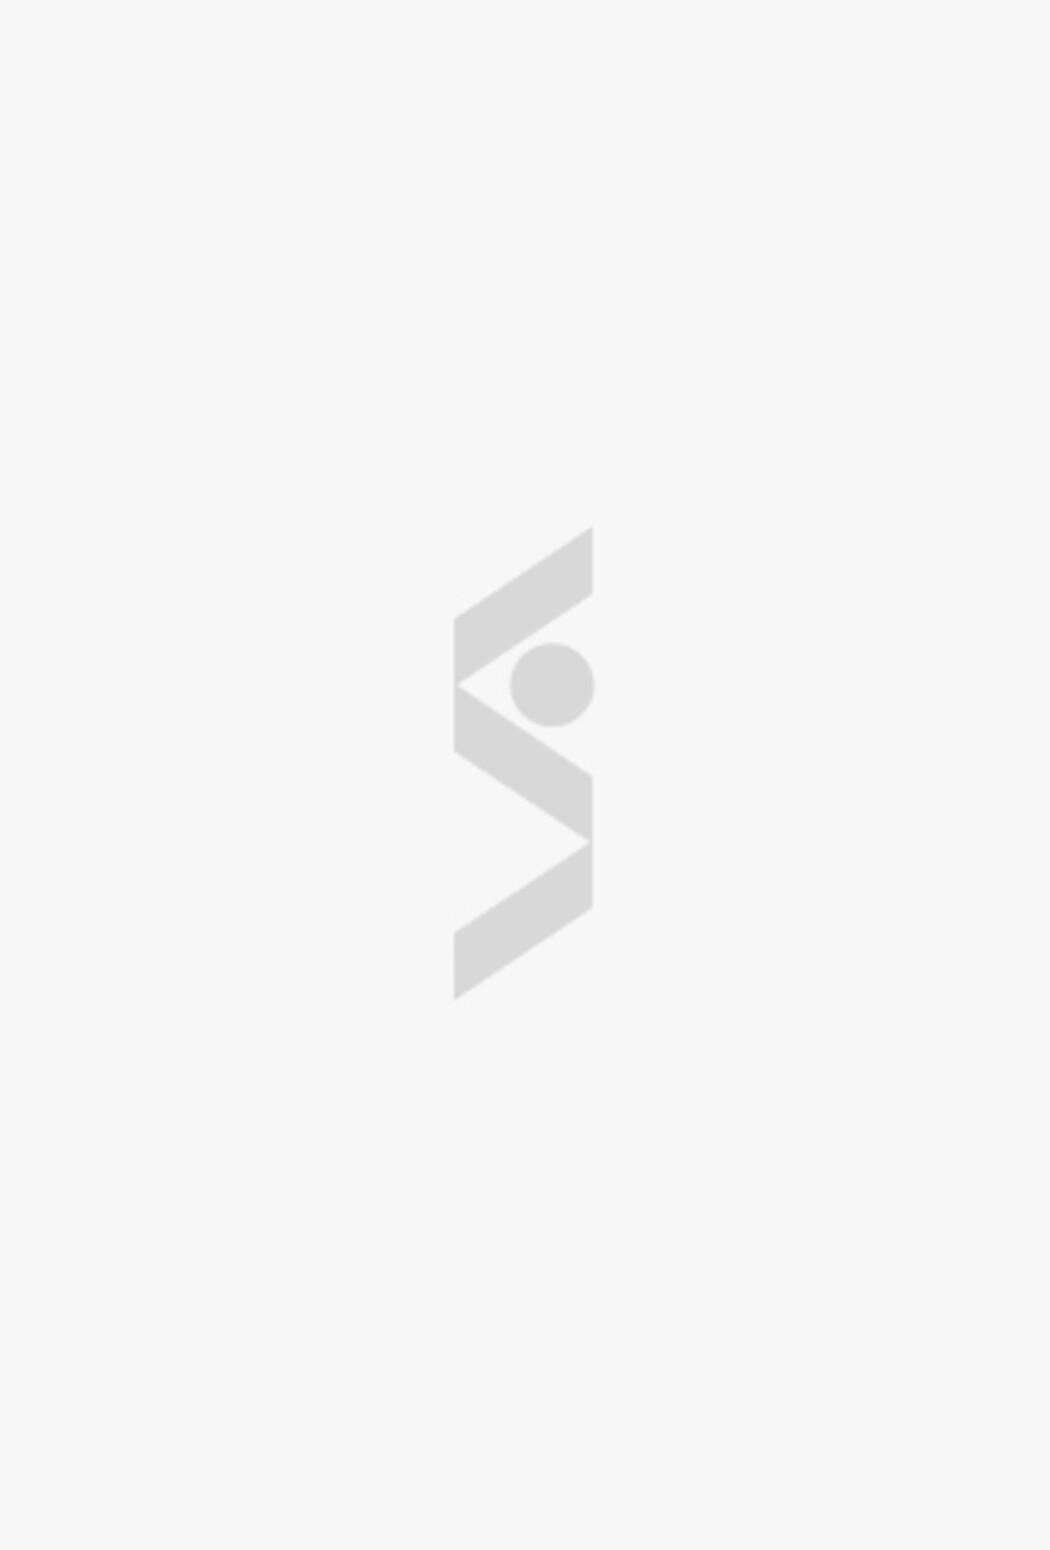 Босоножки на широком каблуке из кожи Ever be - купить, цена 6990 ₽ в Санкт-Петербурге в интернет-магазине СТОКМАНН